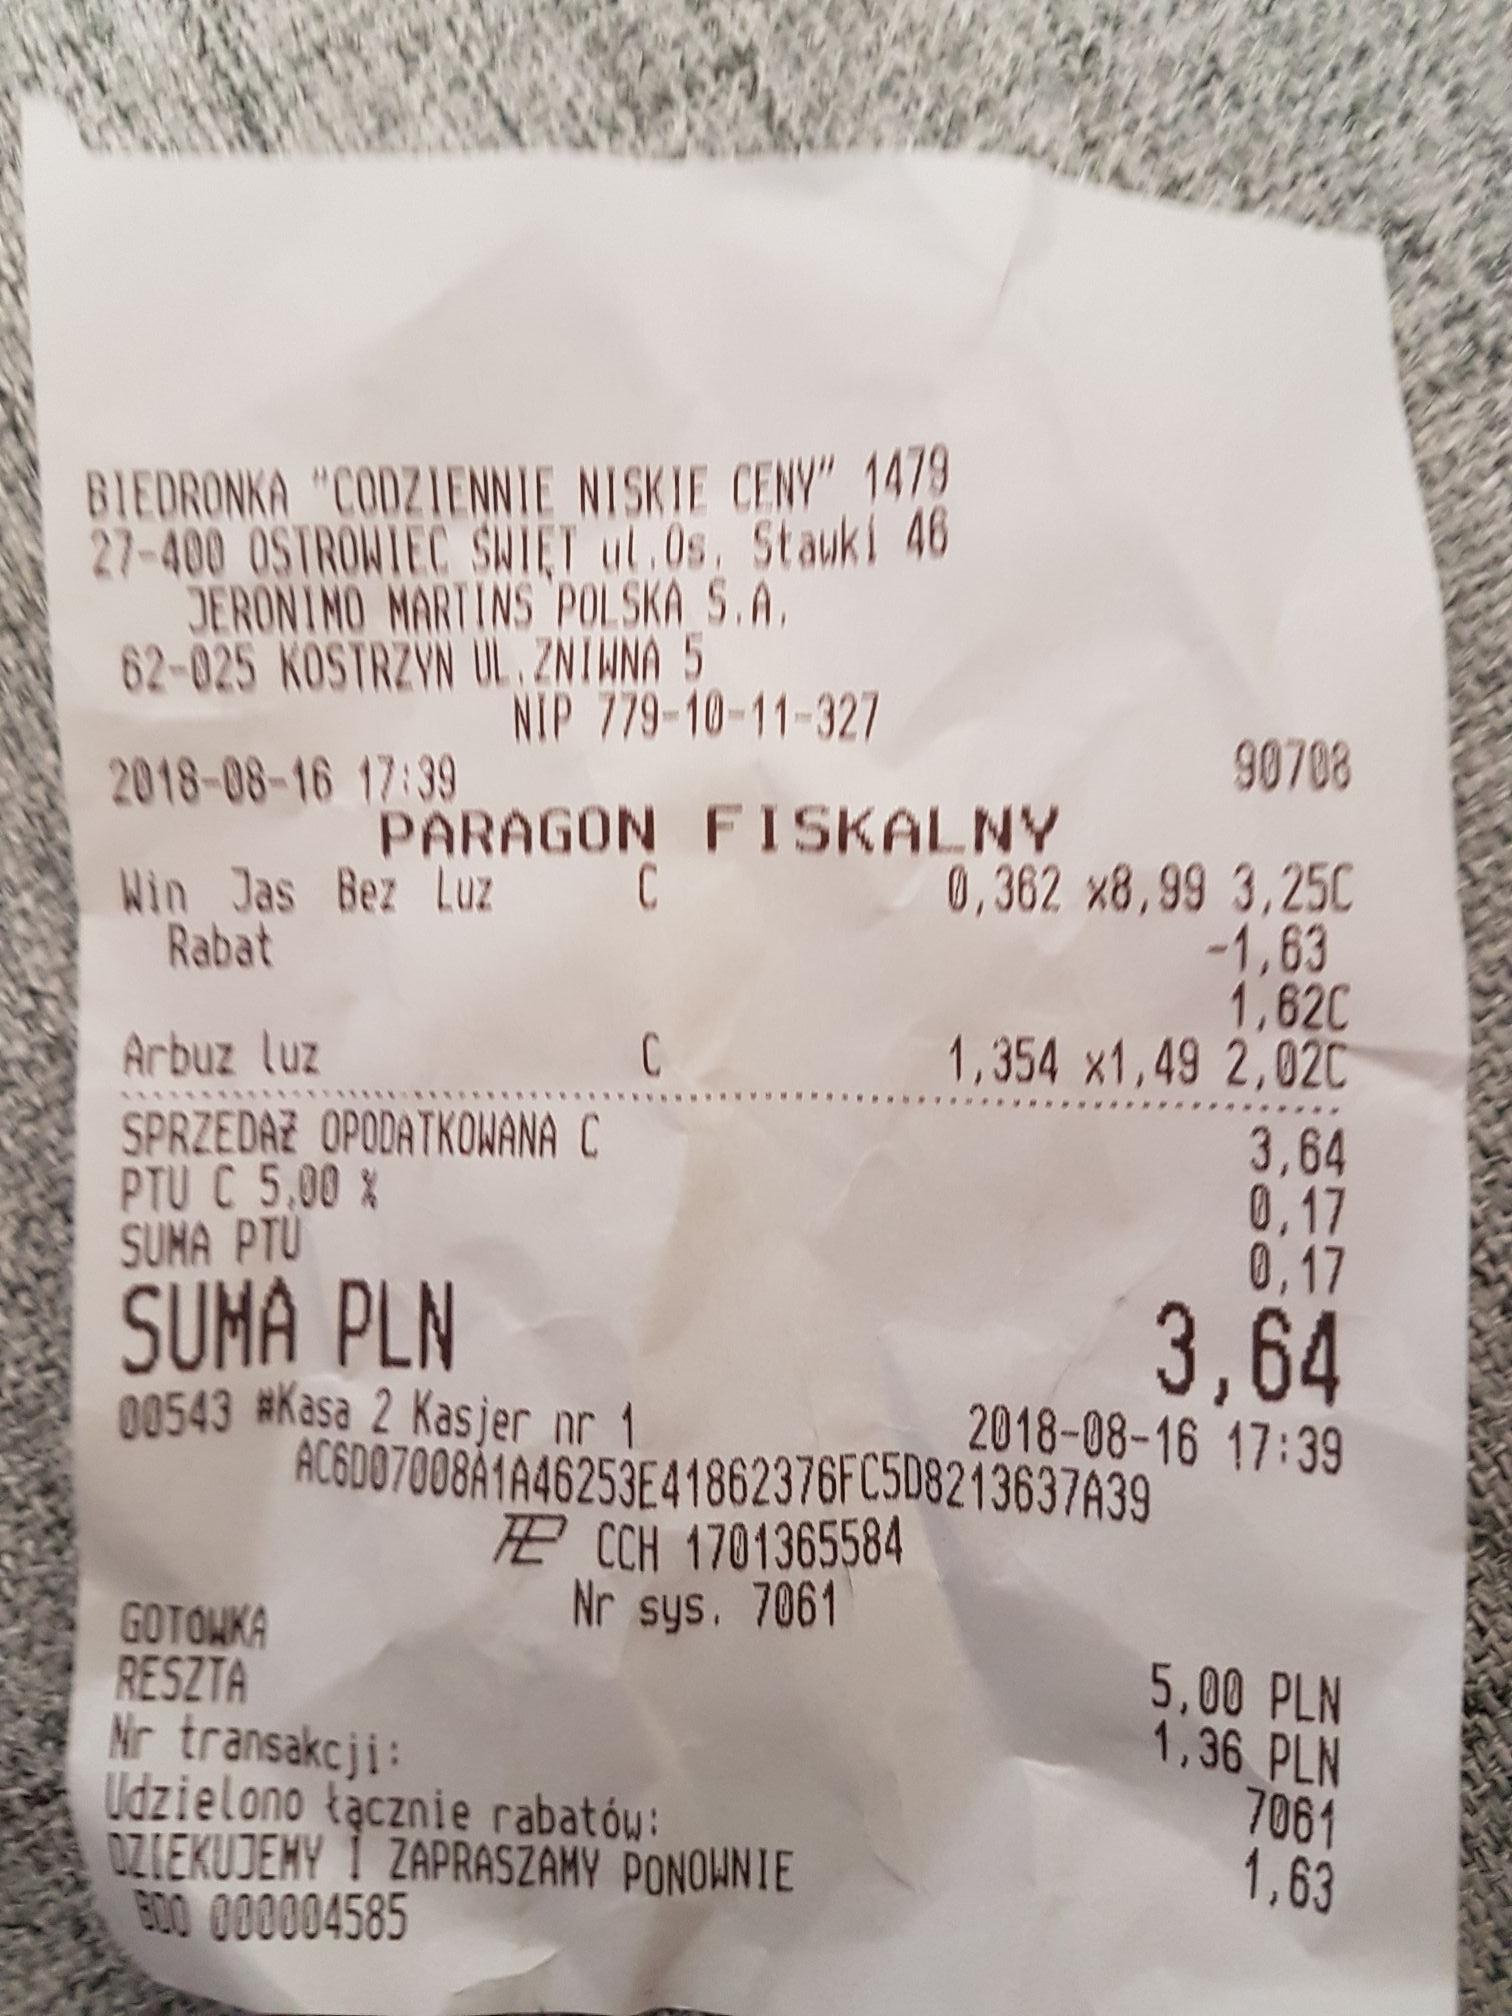 50% rabatu przy zakupie winogrona jasnego bez pestek-Biedronka